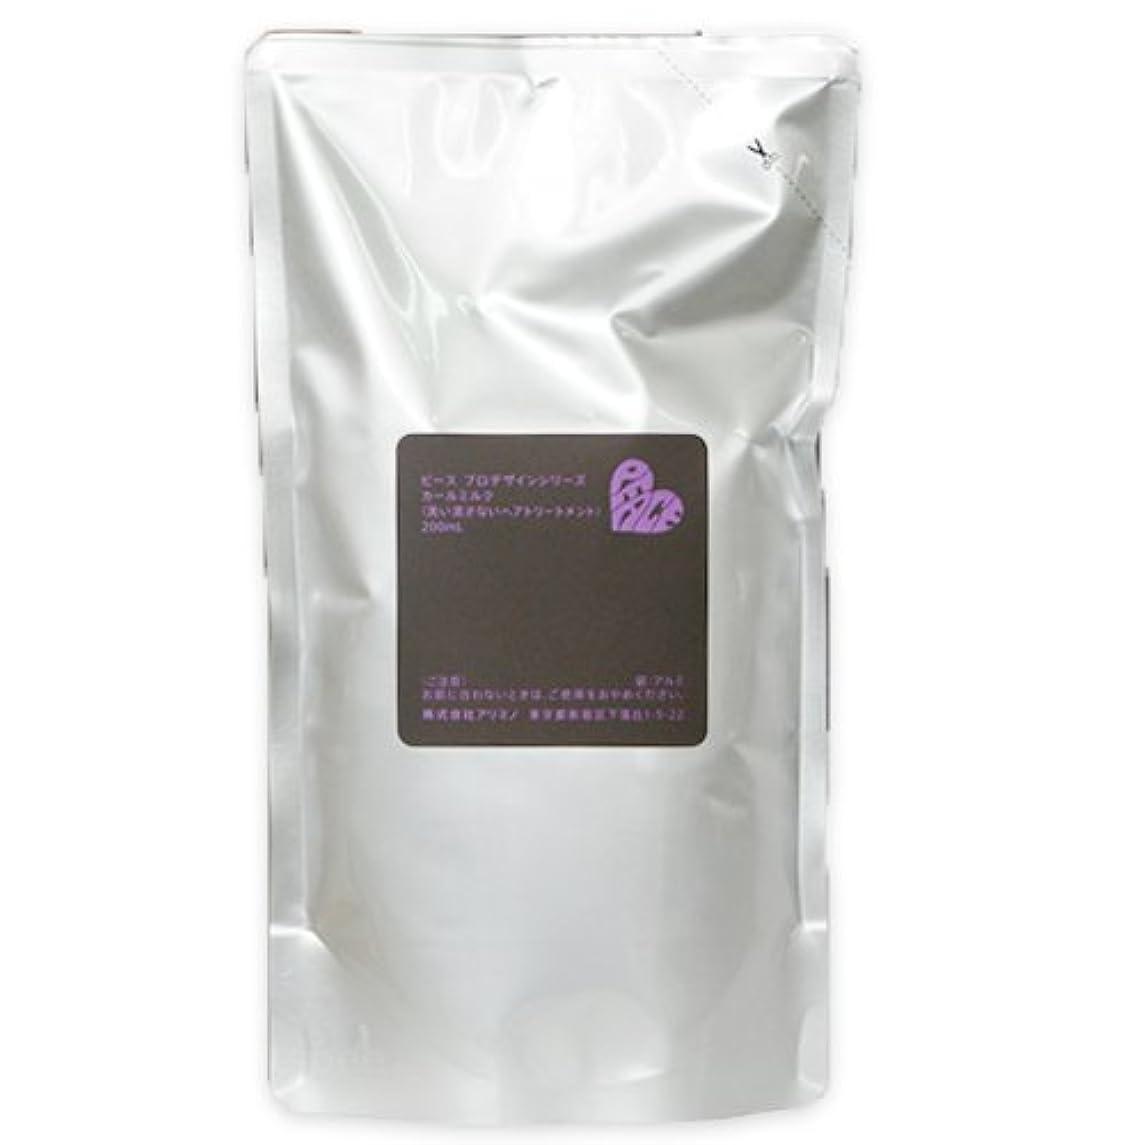 ブレンド温室ブラウンアリミノ ピース カールミルク チョコ 200mL 詰め替え リフィル